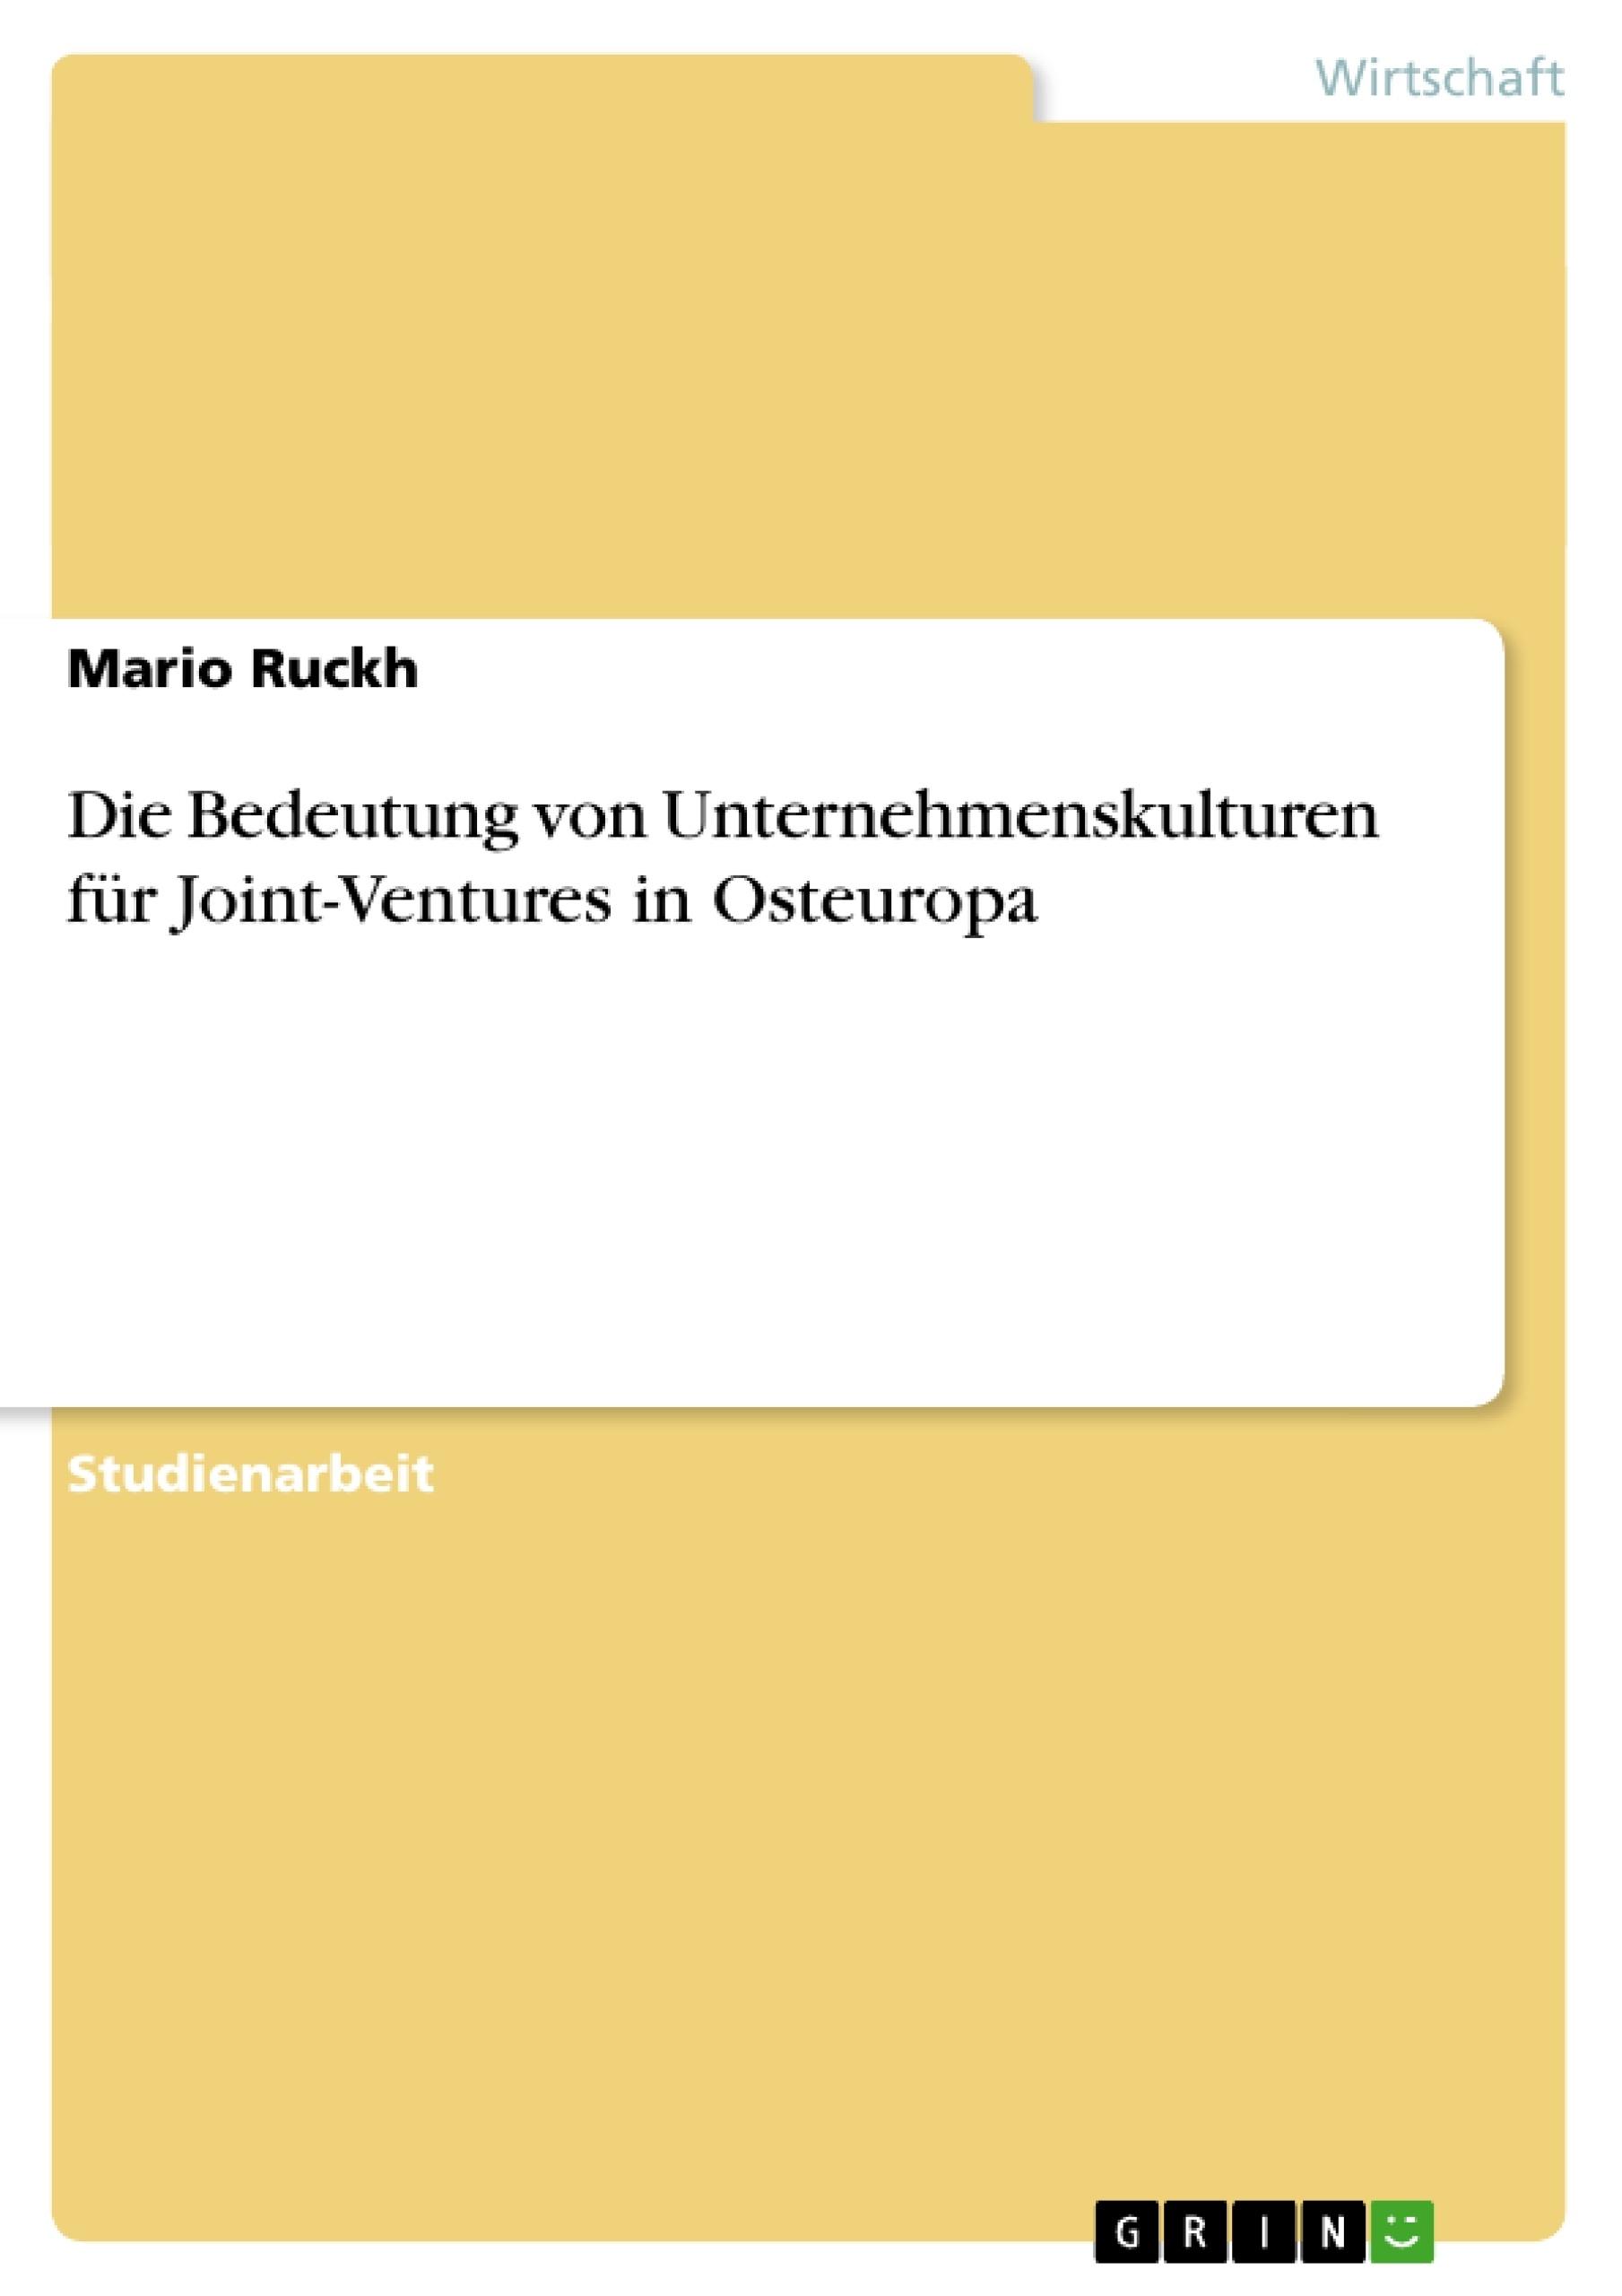 Titel: Die Bedeutung von Unternehmenskulturen für Joint-Ventures in Osteuropa